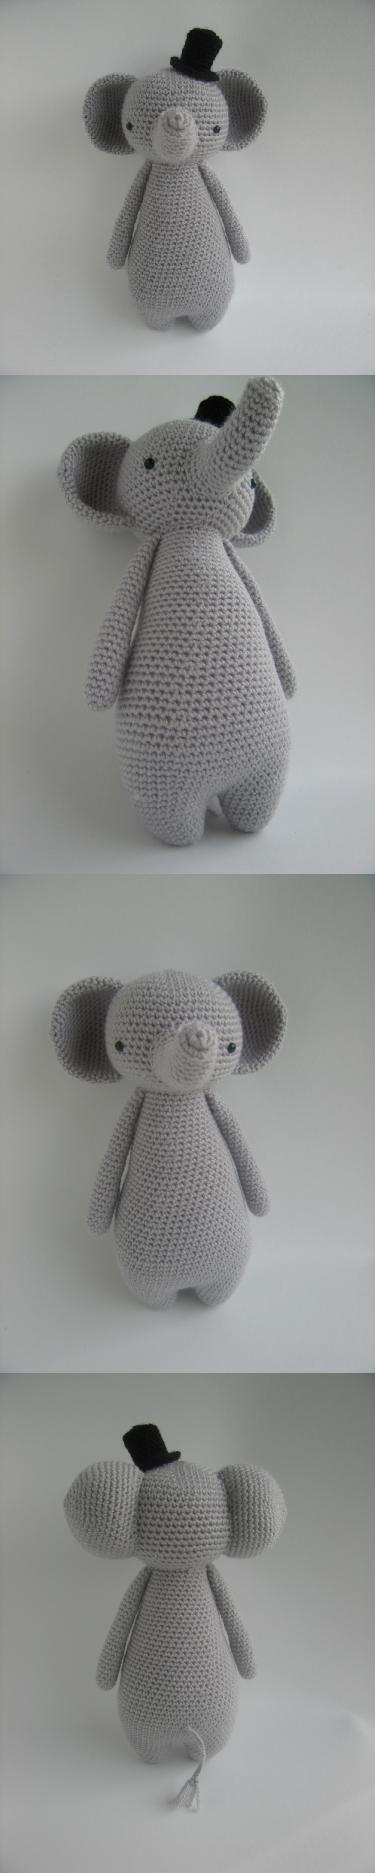 Tall Elephant With Hat Amigurumi Pattern by Little Bear Crochet